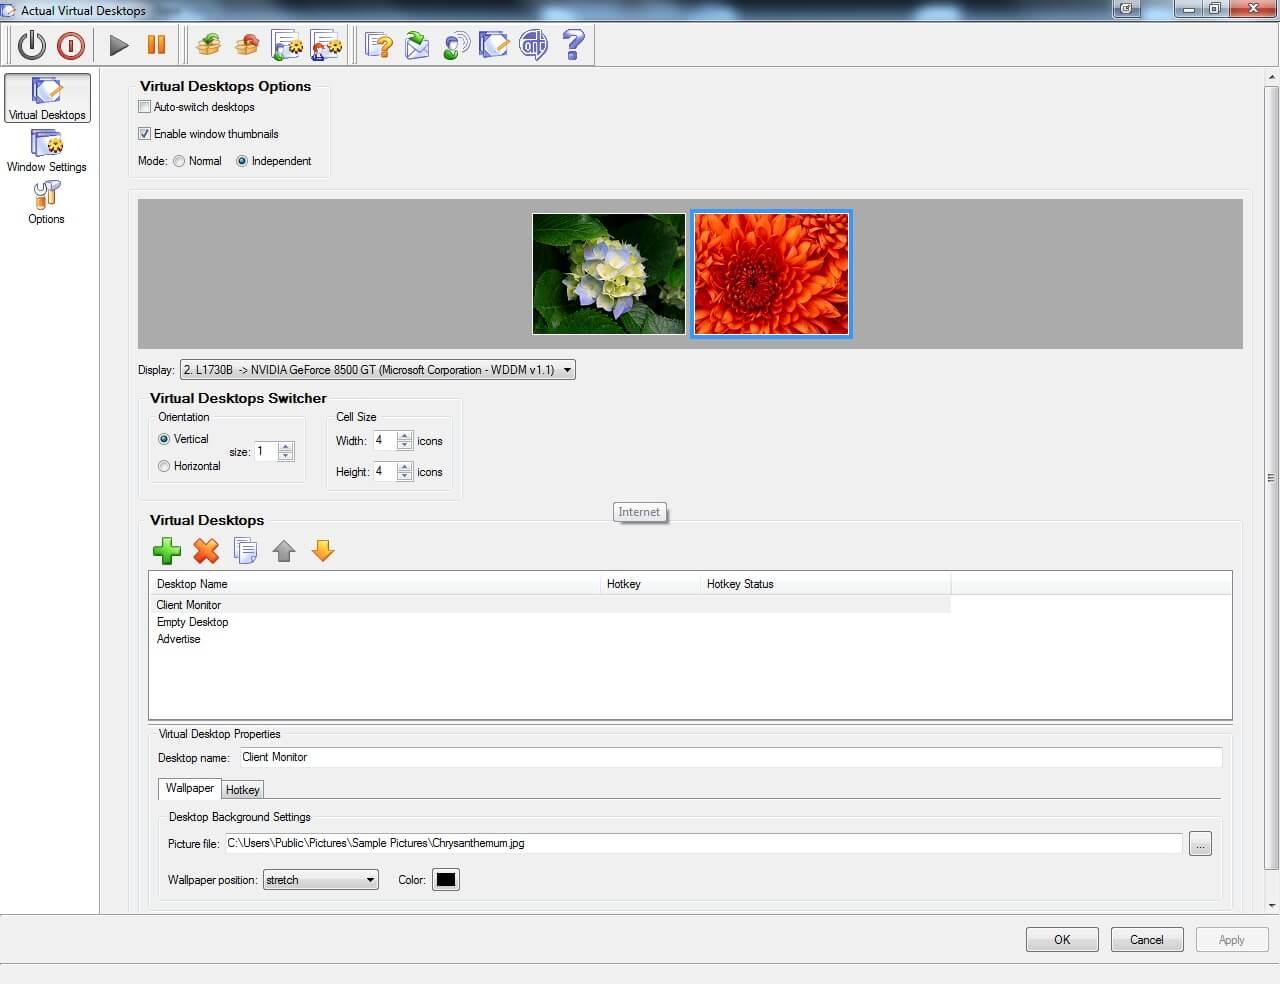 Actual Virtual Desktops Screenshot